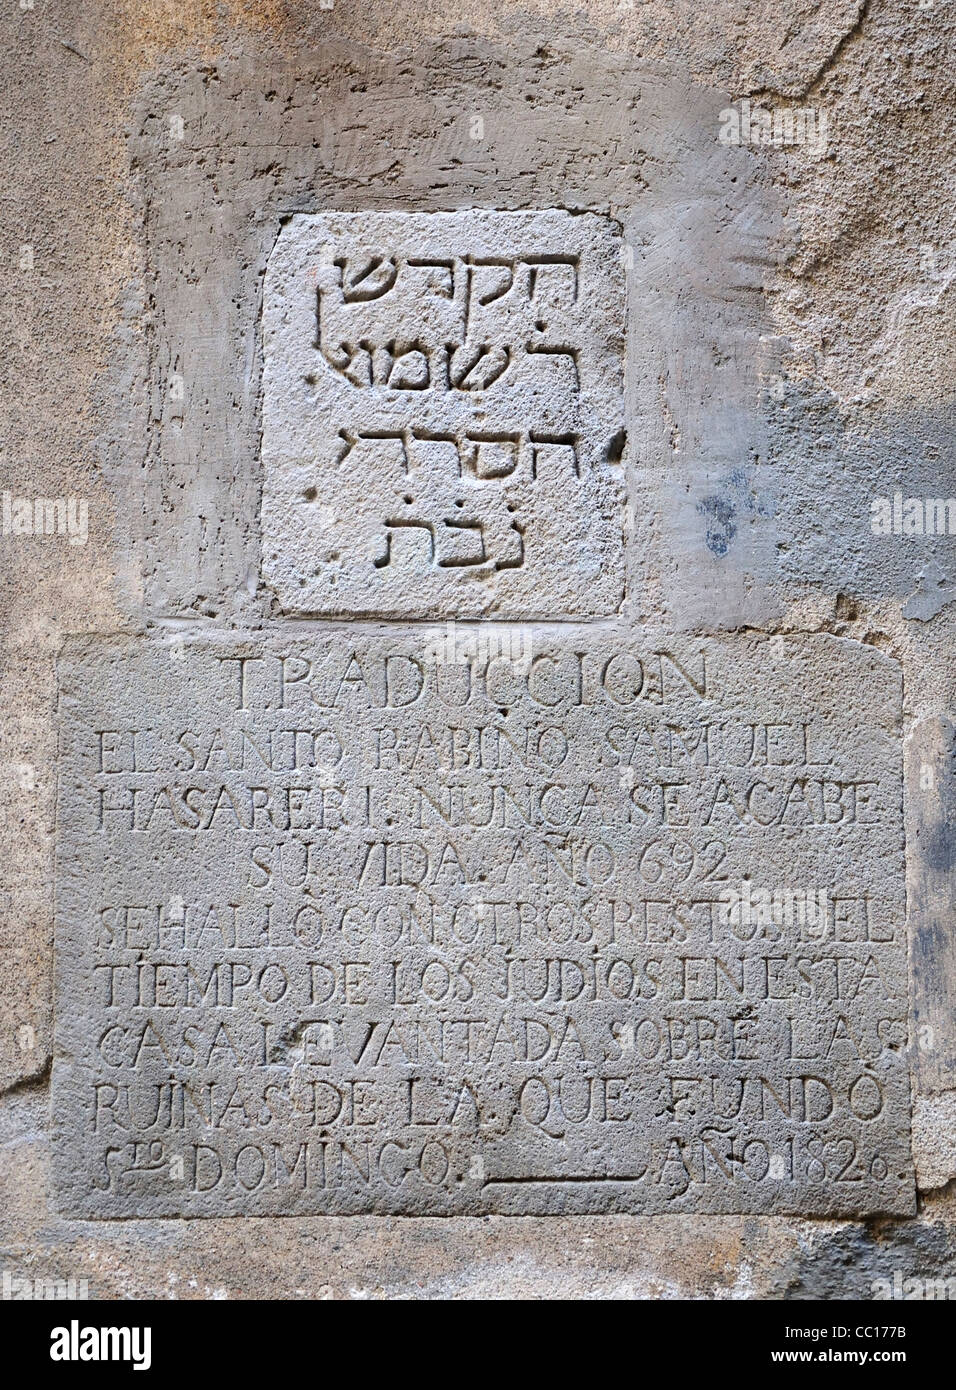 Barcelona, Spain. Carrer de Martlet. Stone with Hebrew inscription. (see 'description' for translation) - Stock Image